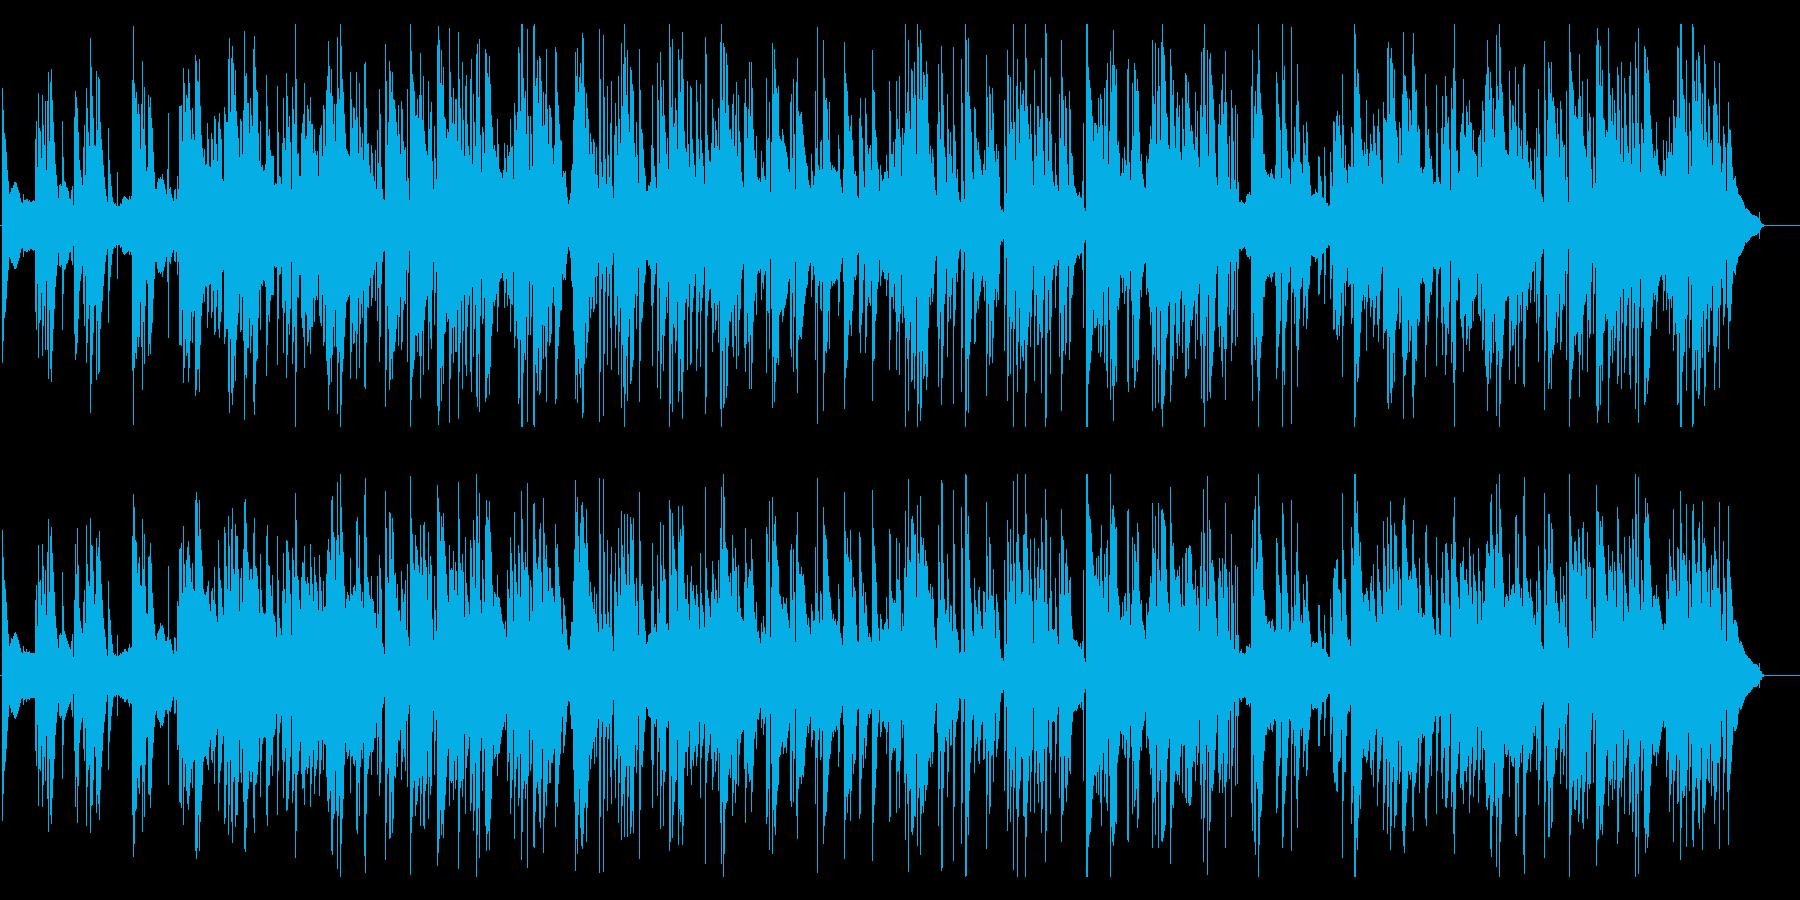 クリスマスソング_Jazzピアノトリオの再生済みの波形